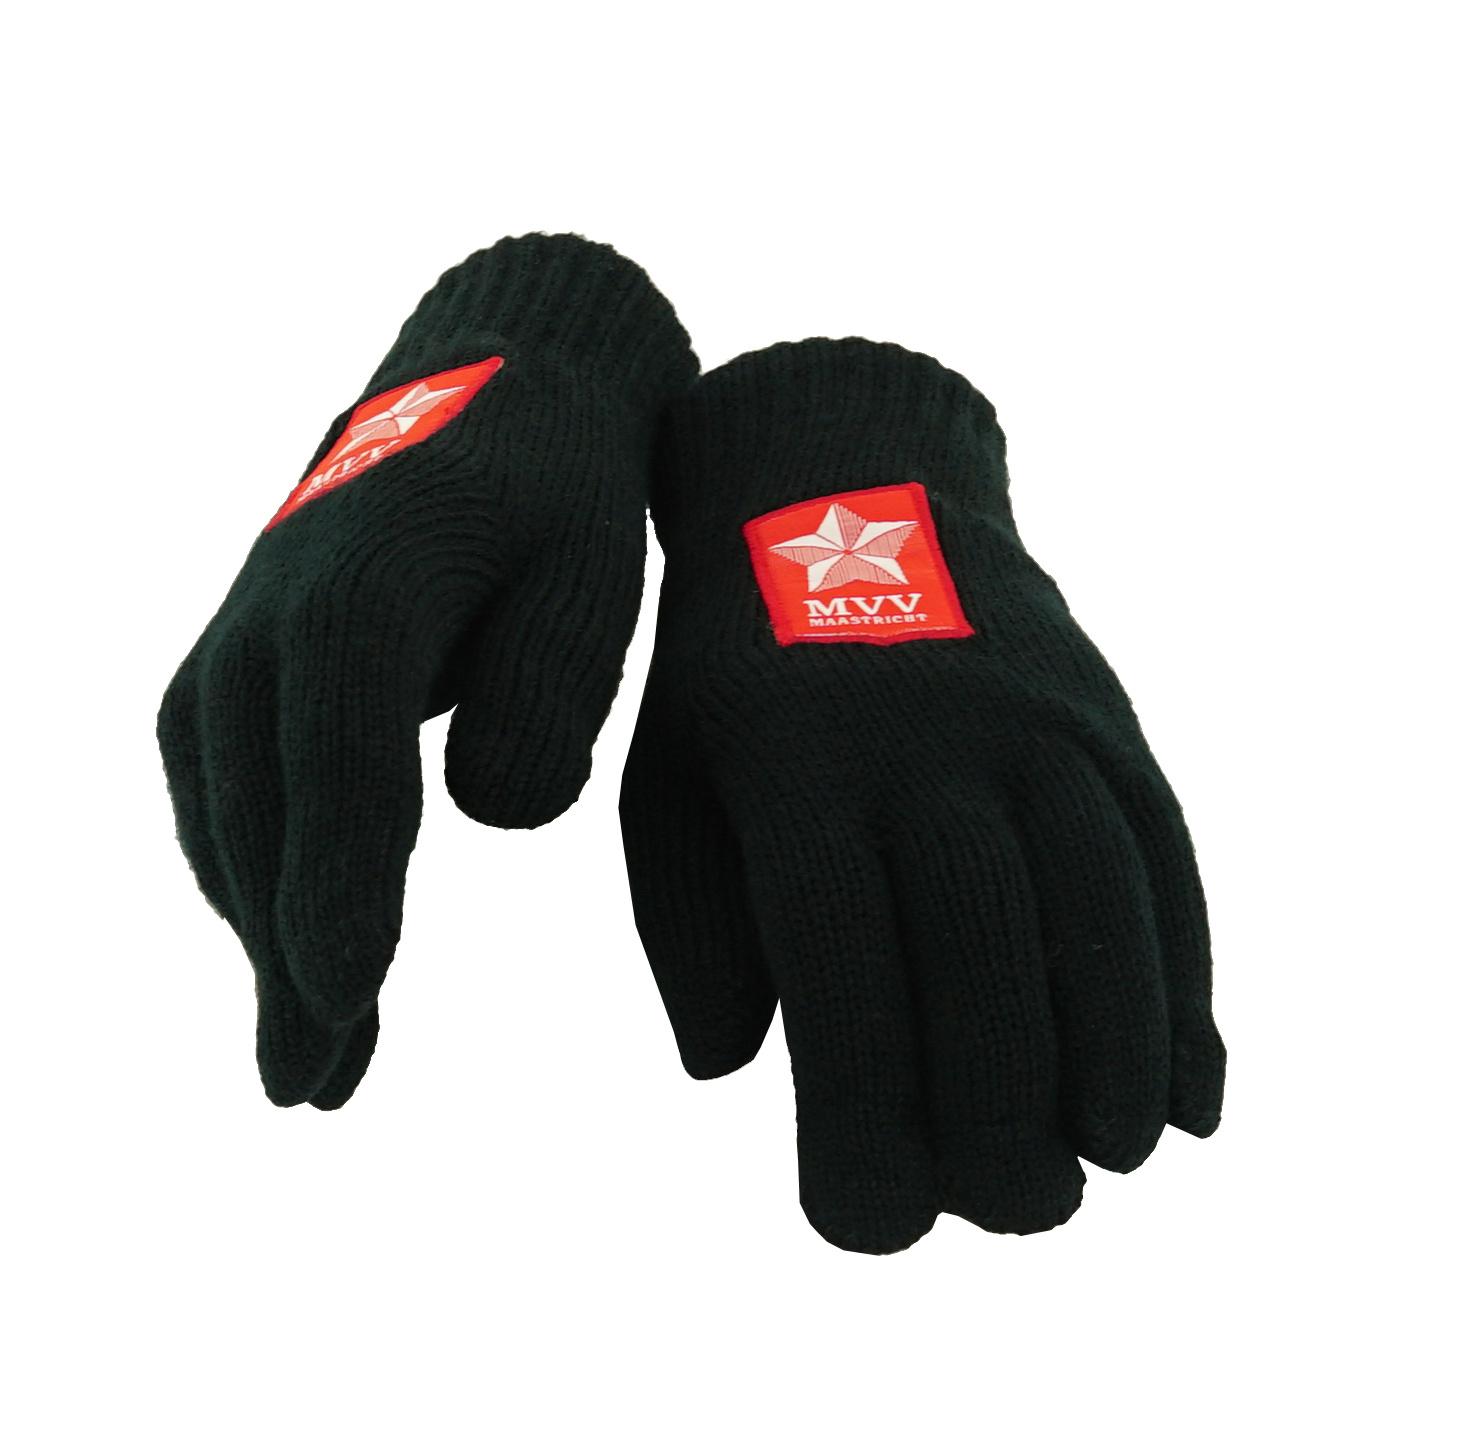 Zwarte handschoenen - dames